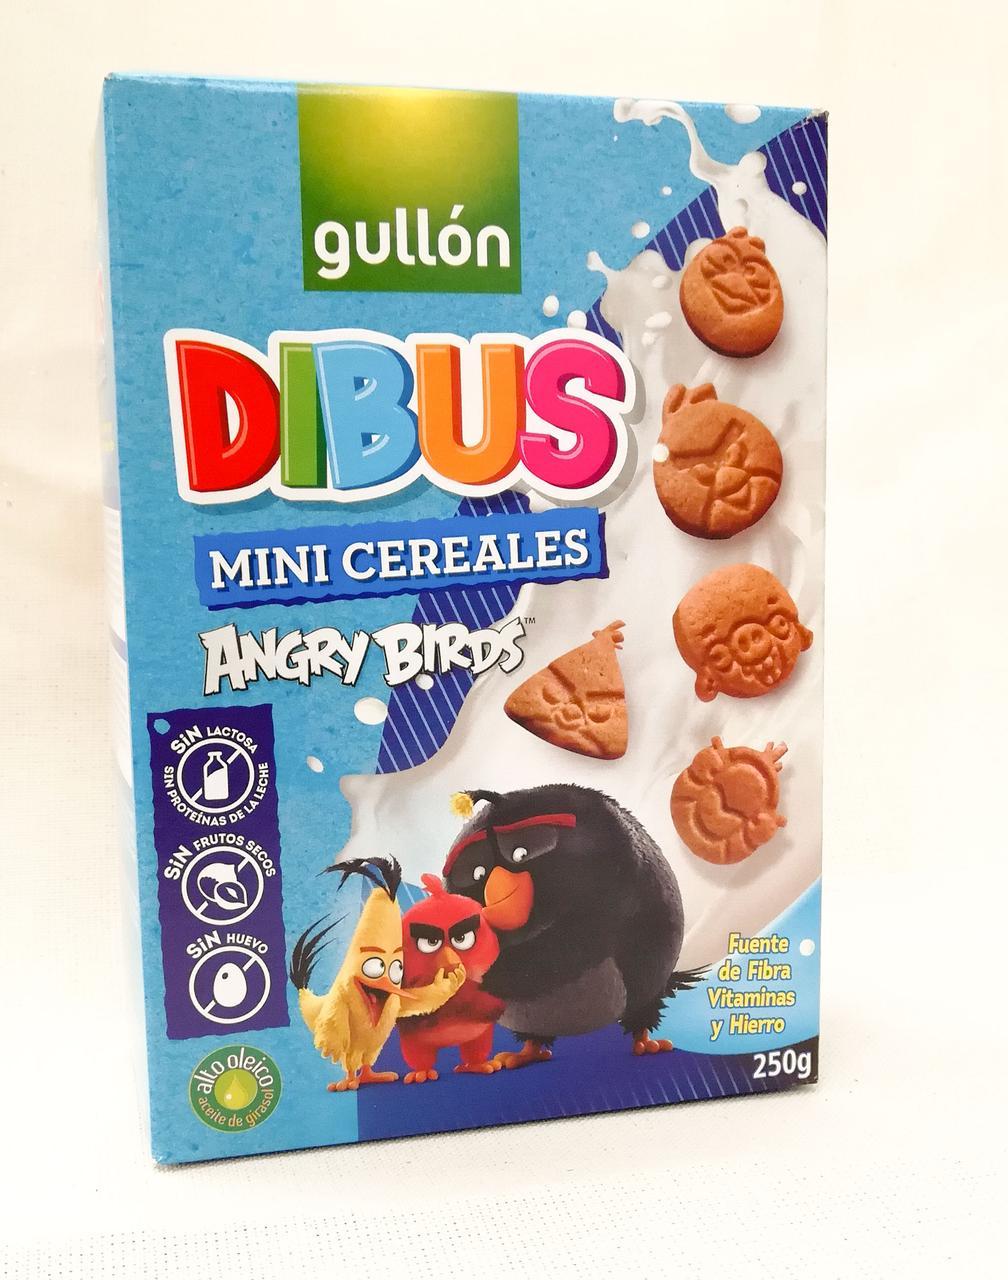 Печенье фигурное Gullon Dibus Angry Birds 250 gramm